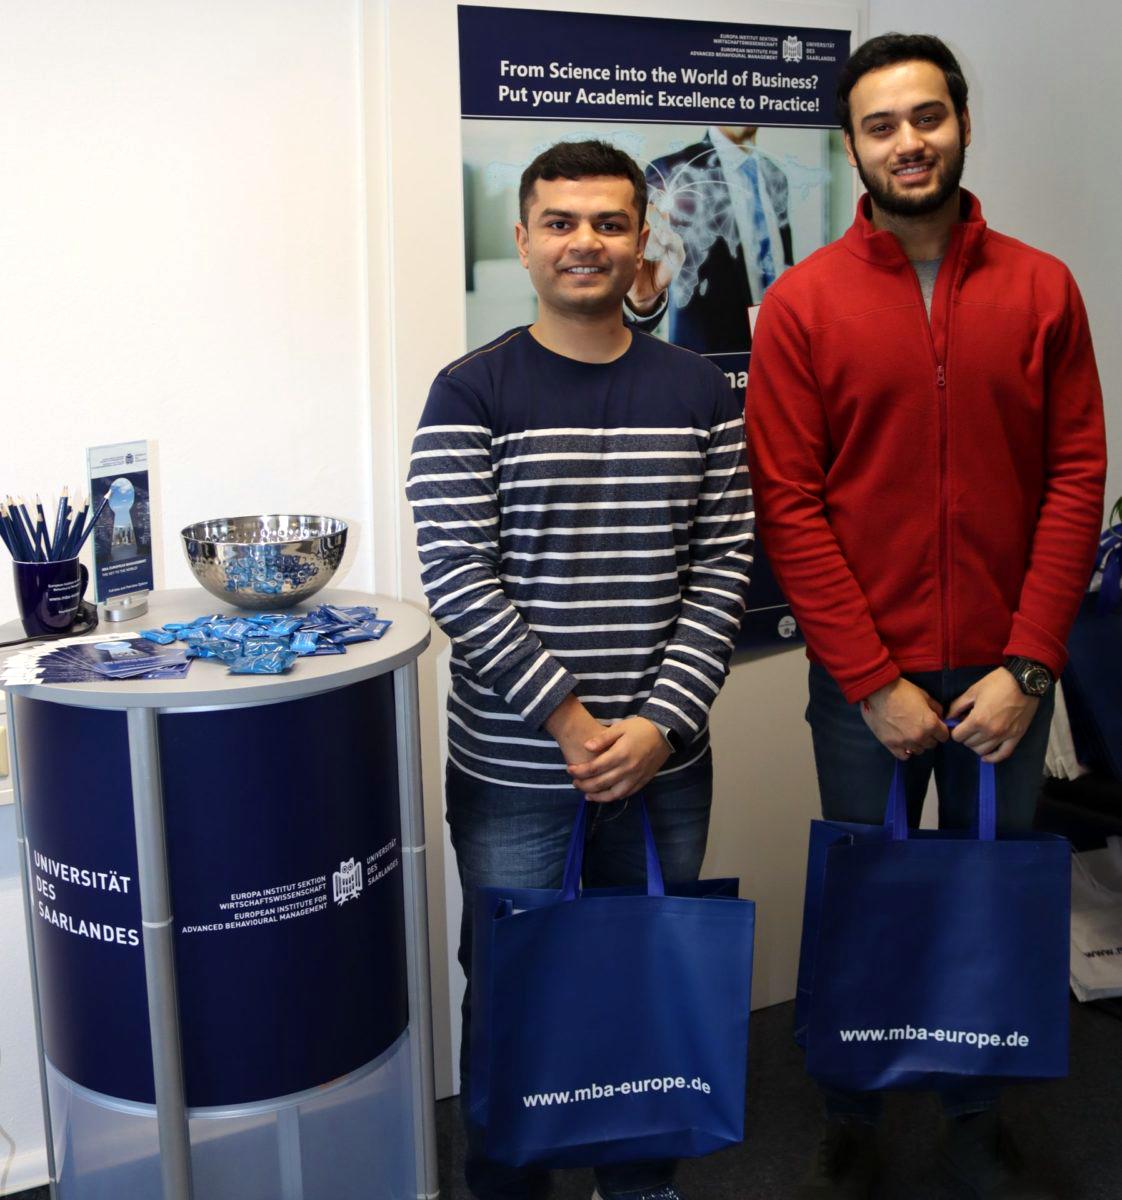 Wir begrüßen unsere neuen Gaststudenten vom Indian Institute of Foreign Trade, New Delhi!